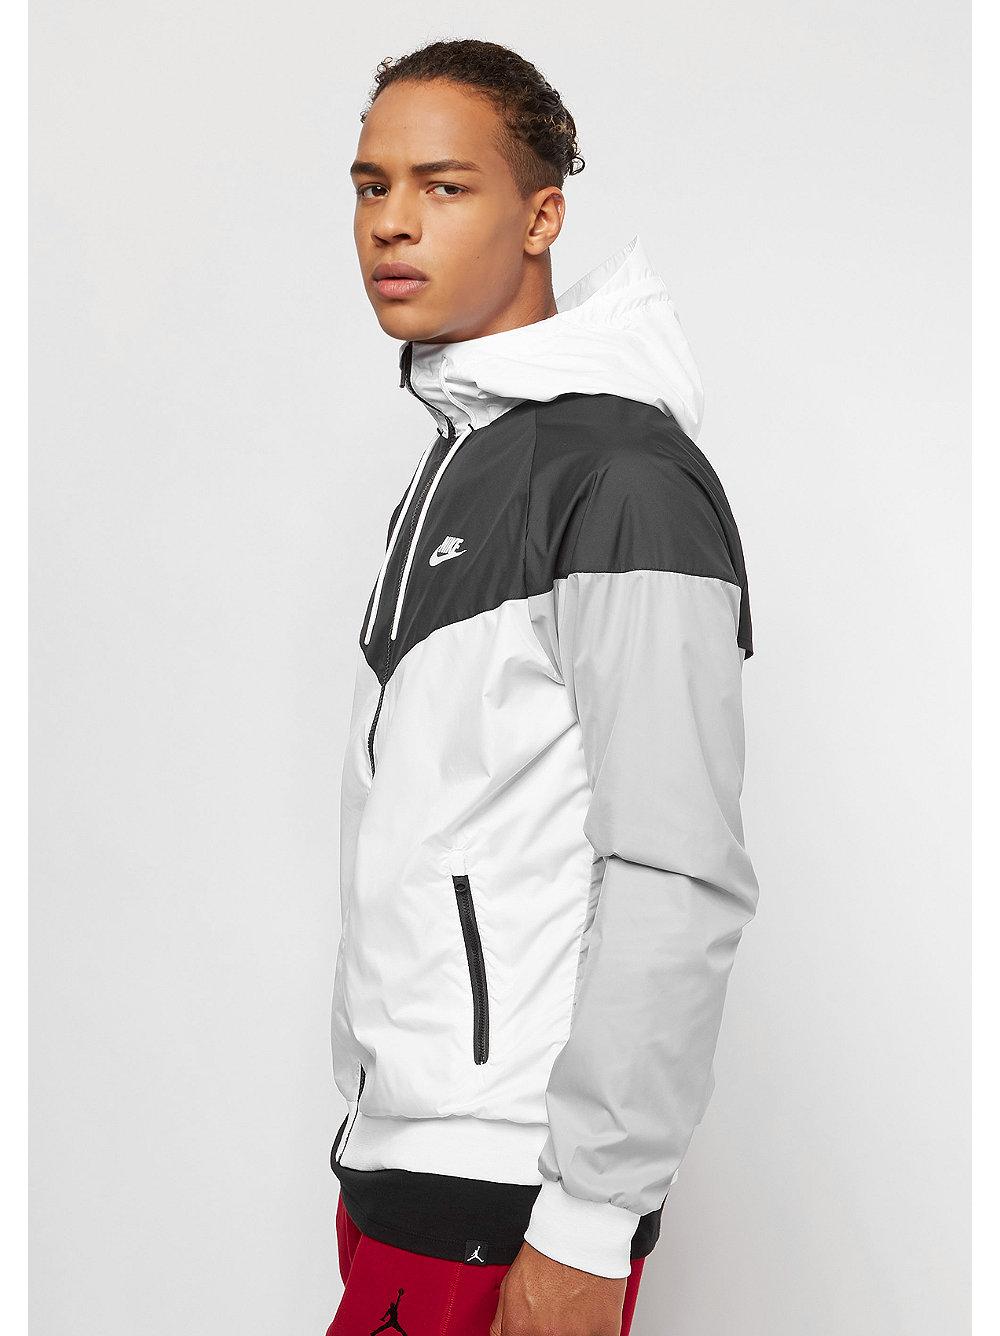 NIKE Windrunner white black Jacke bei SNIPES bestellen b7667695e4